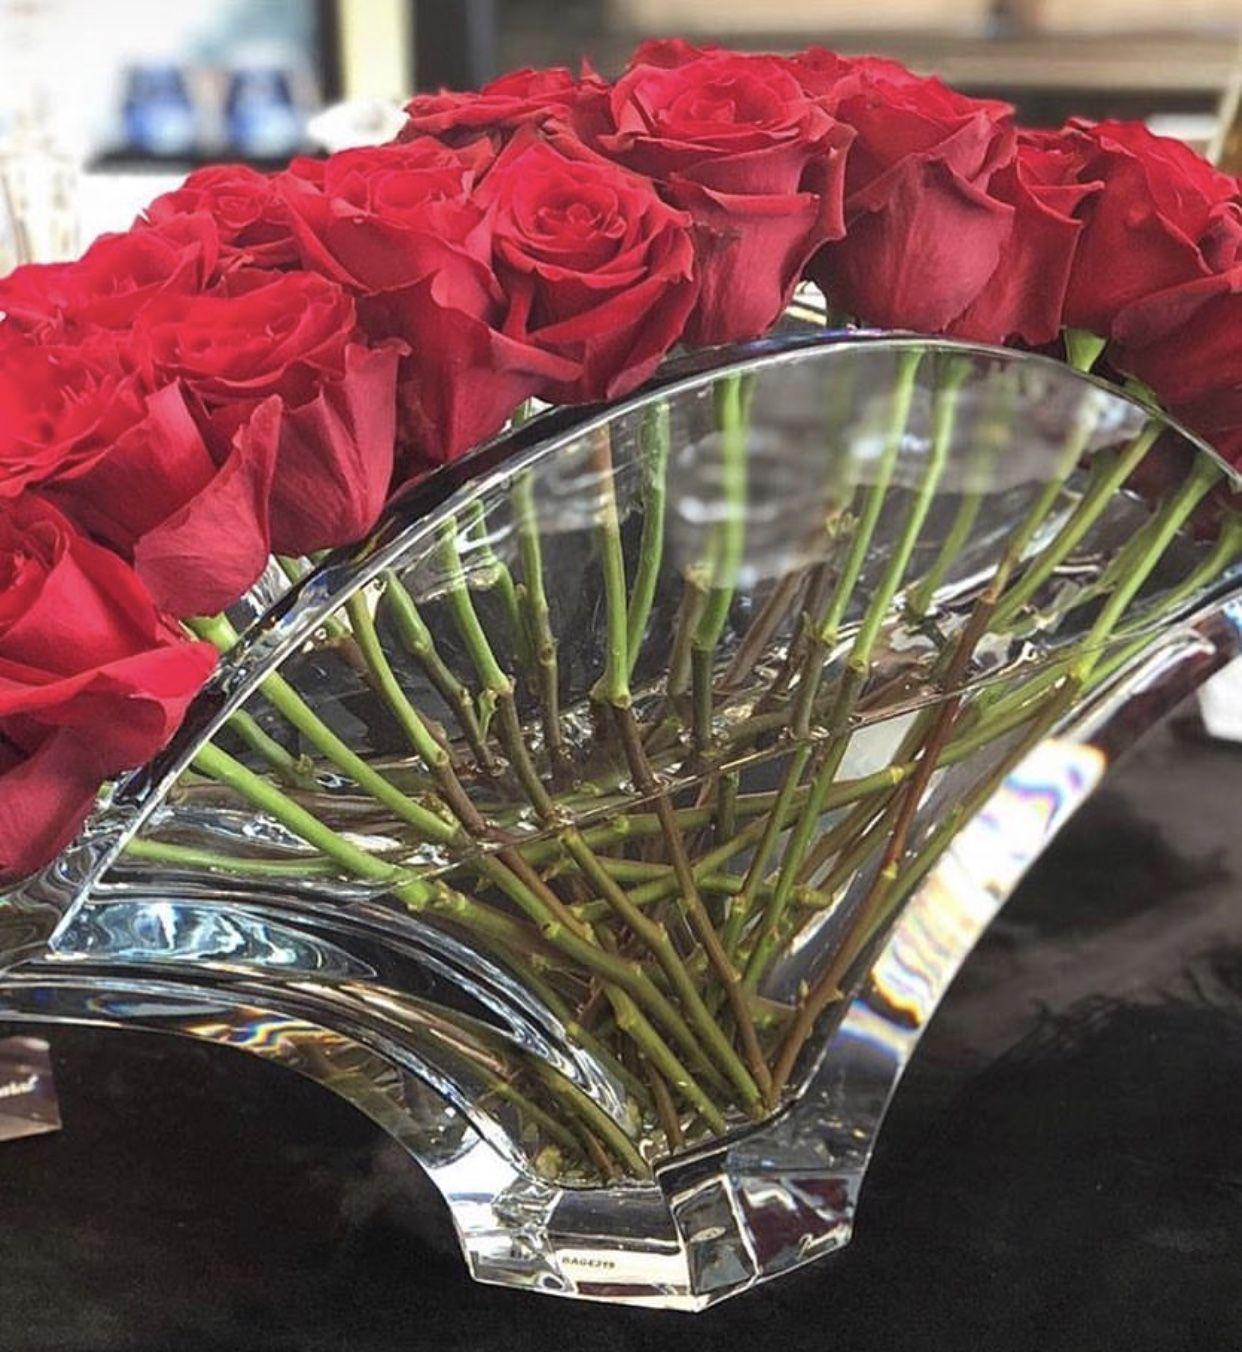 Baccarat Roses Or Tulip Ginkgo Vase Baccarat Crystal Crystal Vase Flower Arrangements